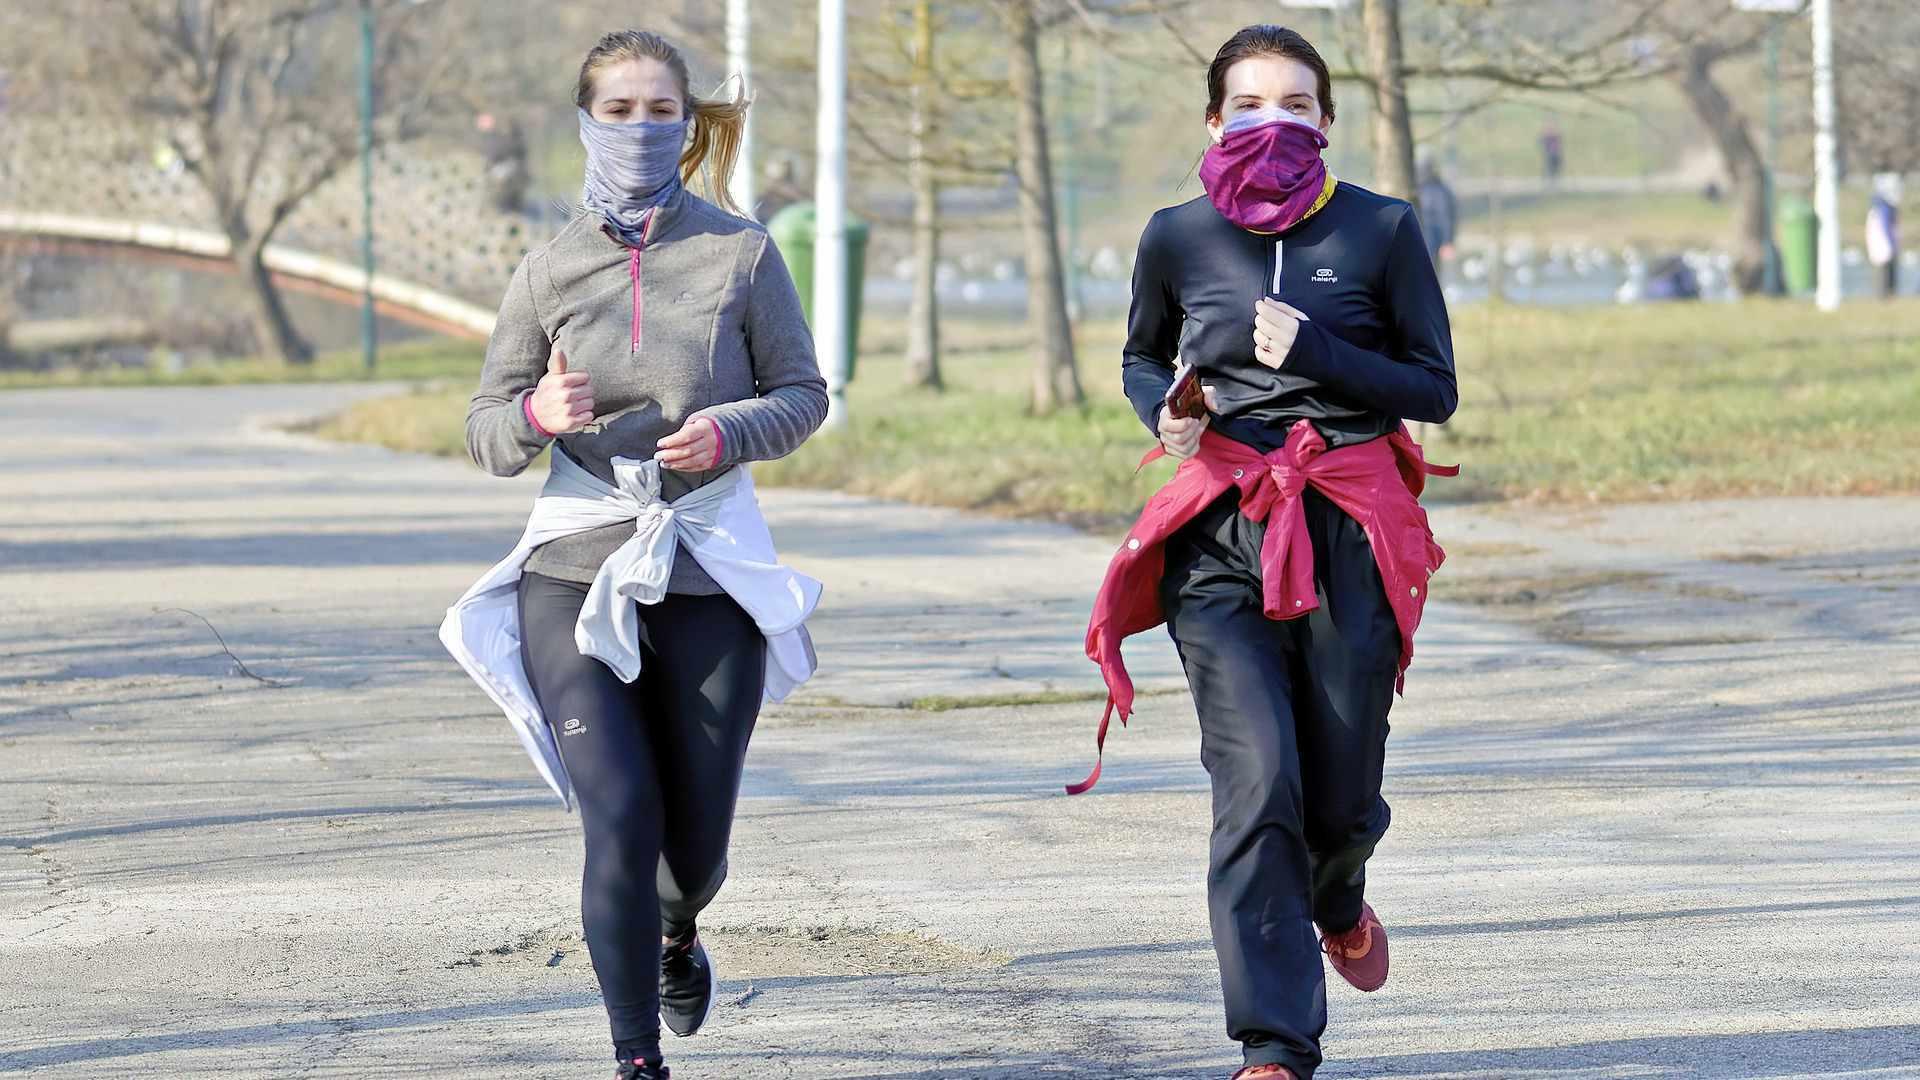 Sugerencias para hacer deporte al aire libre de forma segura